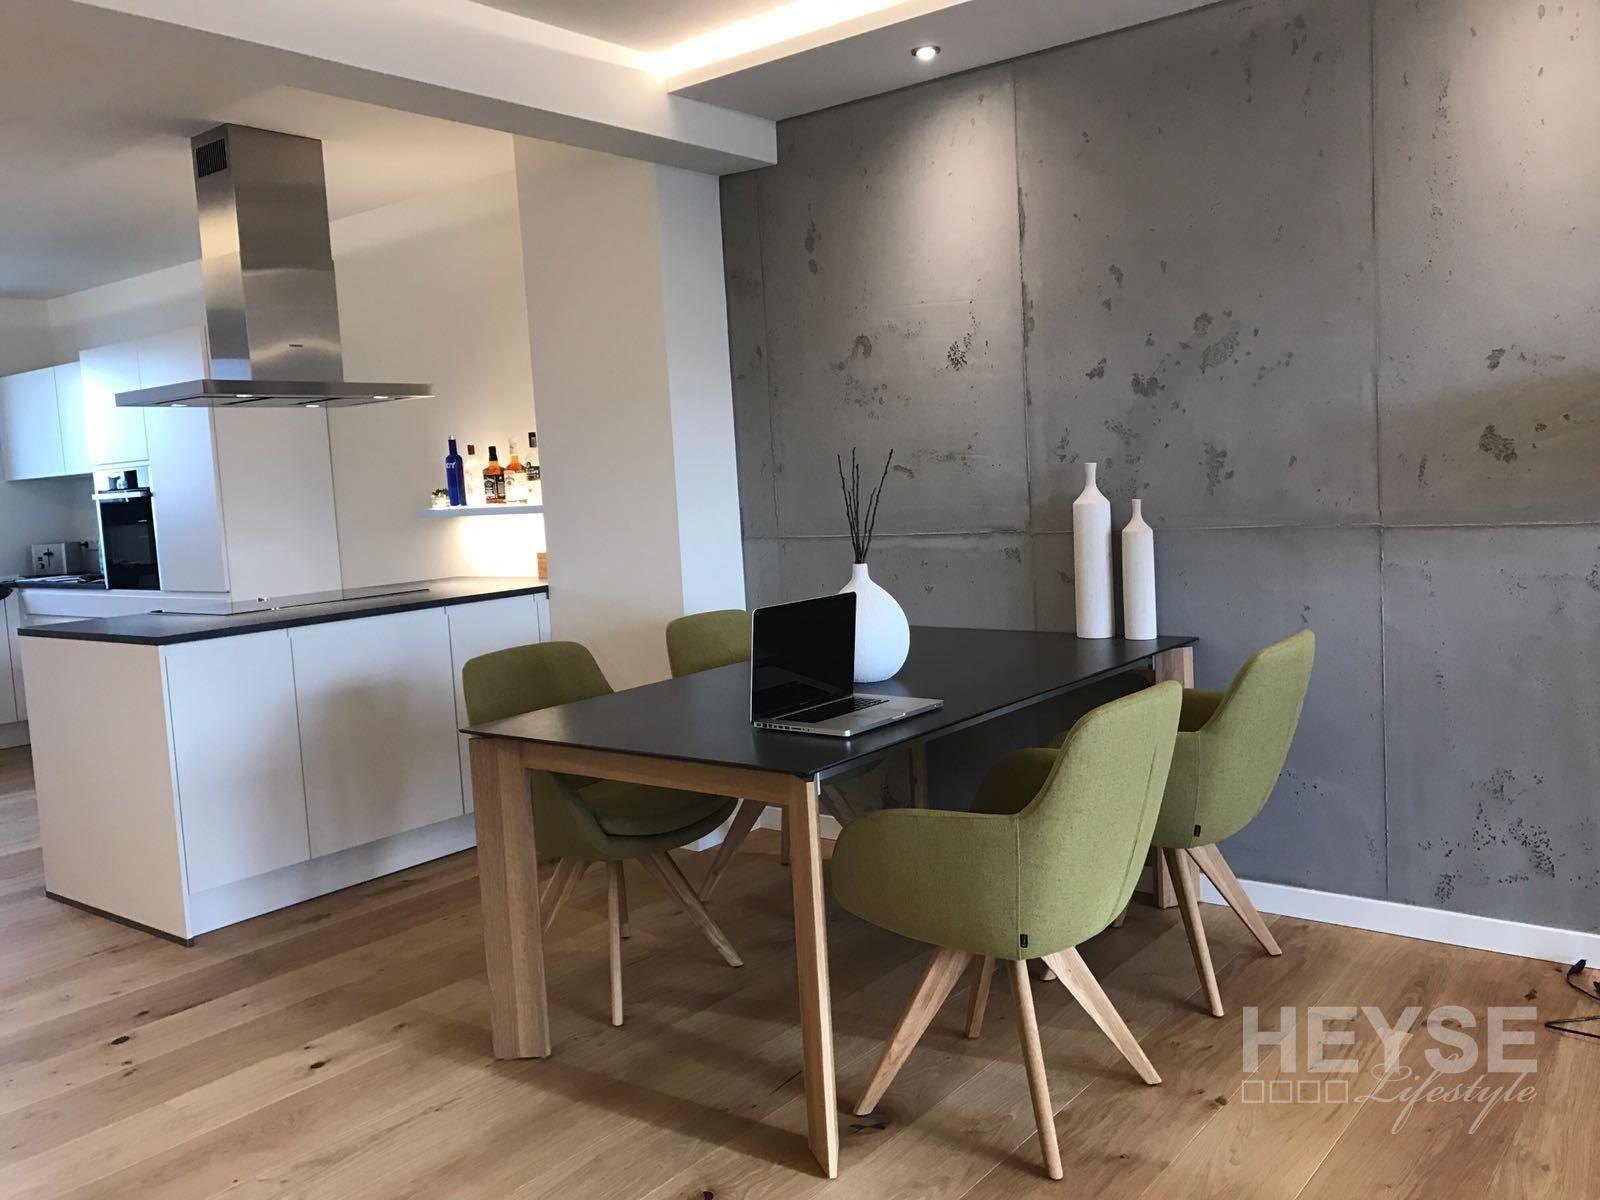 Schoner Wohnen Grautone ~ Karomuster im wohnzimmer mit schöner wohnen farbe wall design